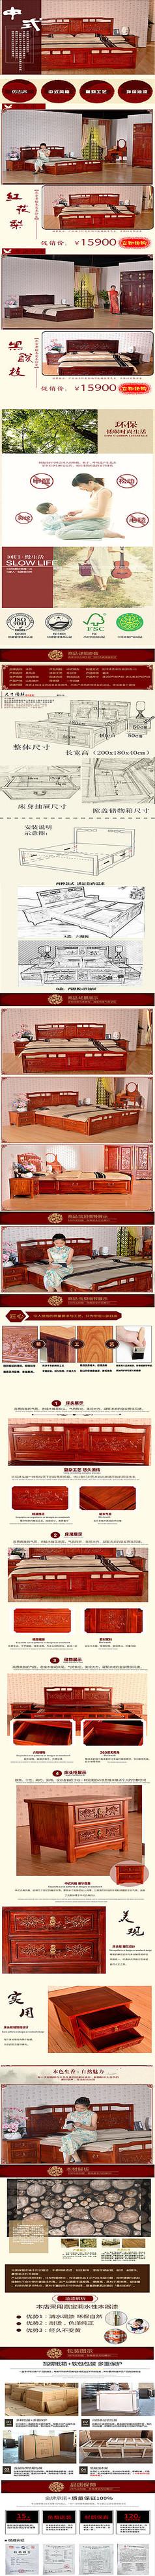 床中國風家具淘寶詳情PSD分層